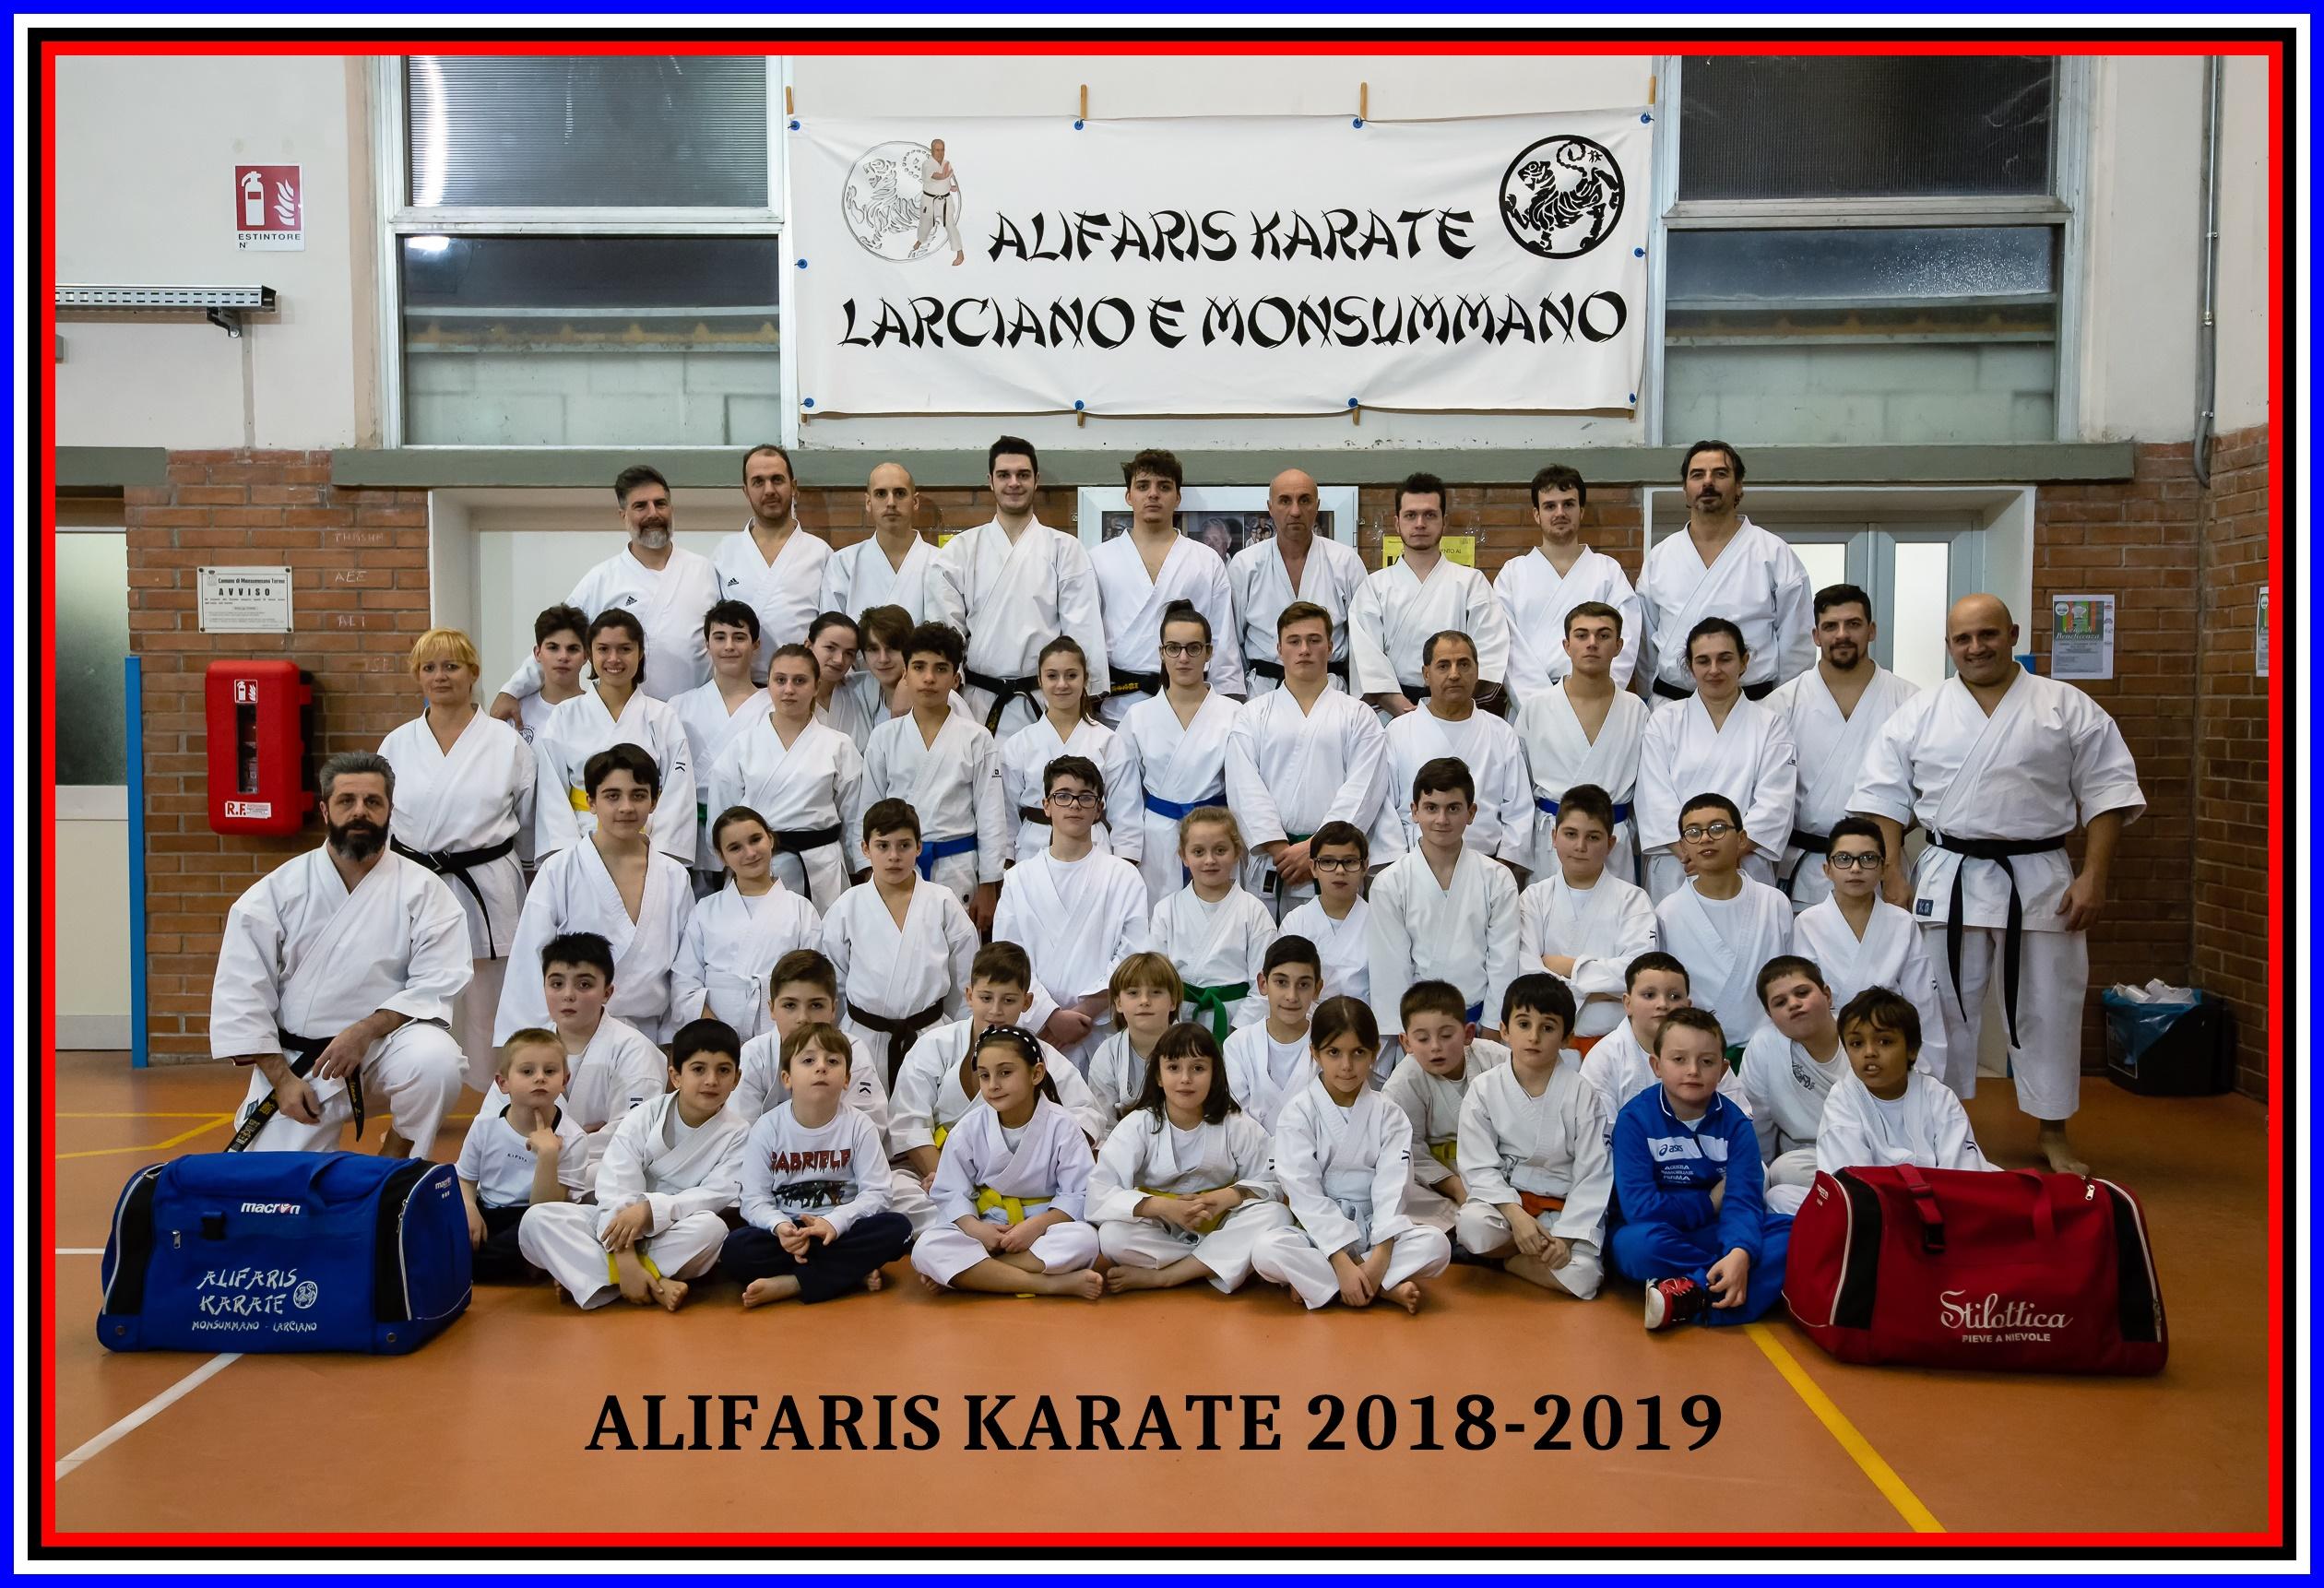 Homepage sito ufficiale alifaris karate larciano e - Pignoramento ufficiale giudiziario non trova nessuno ...